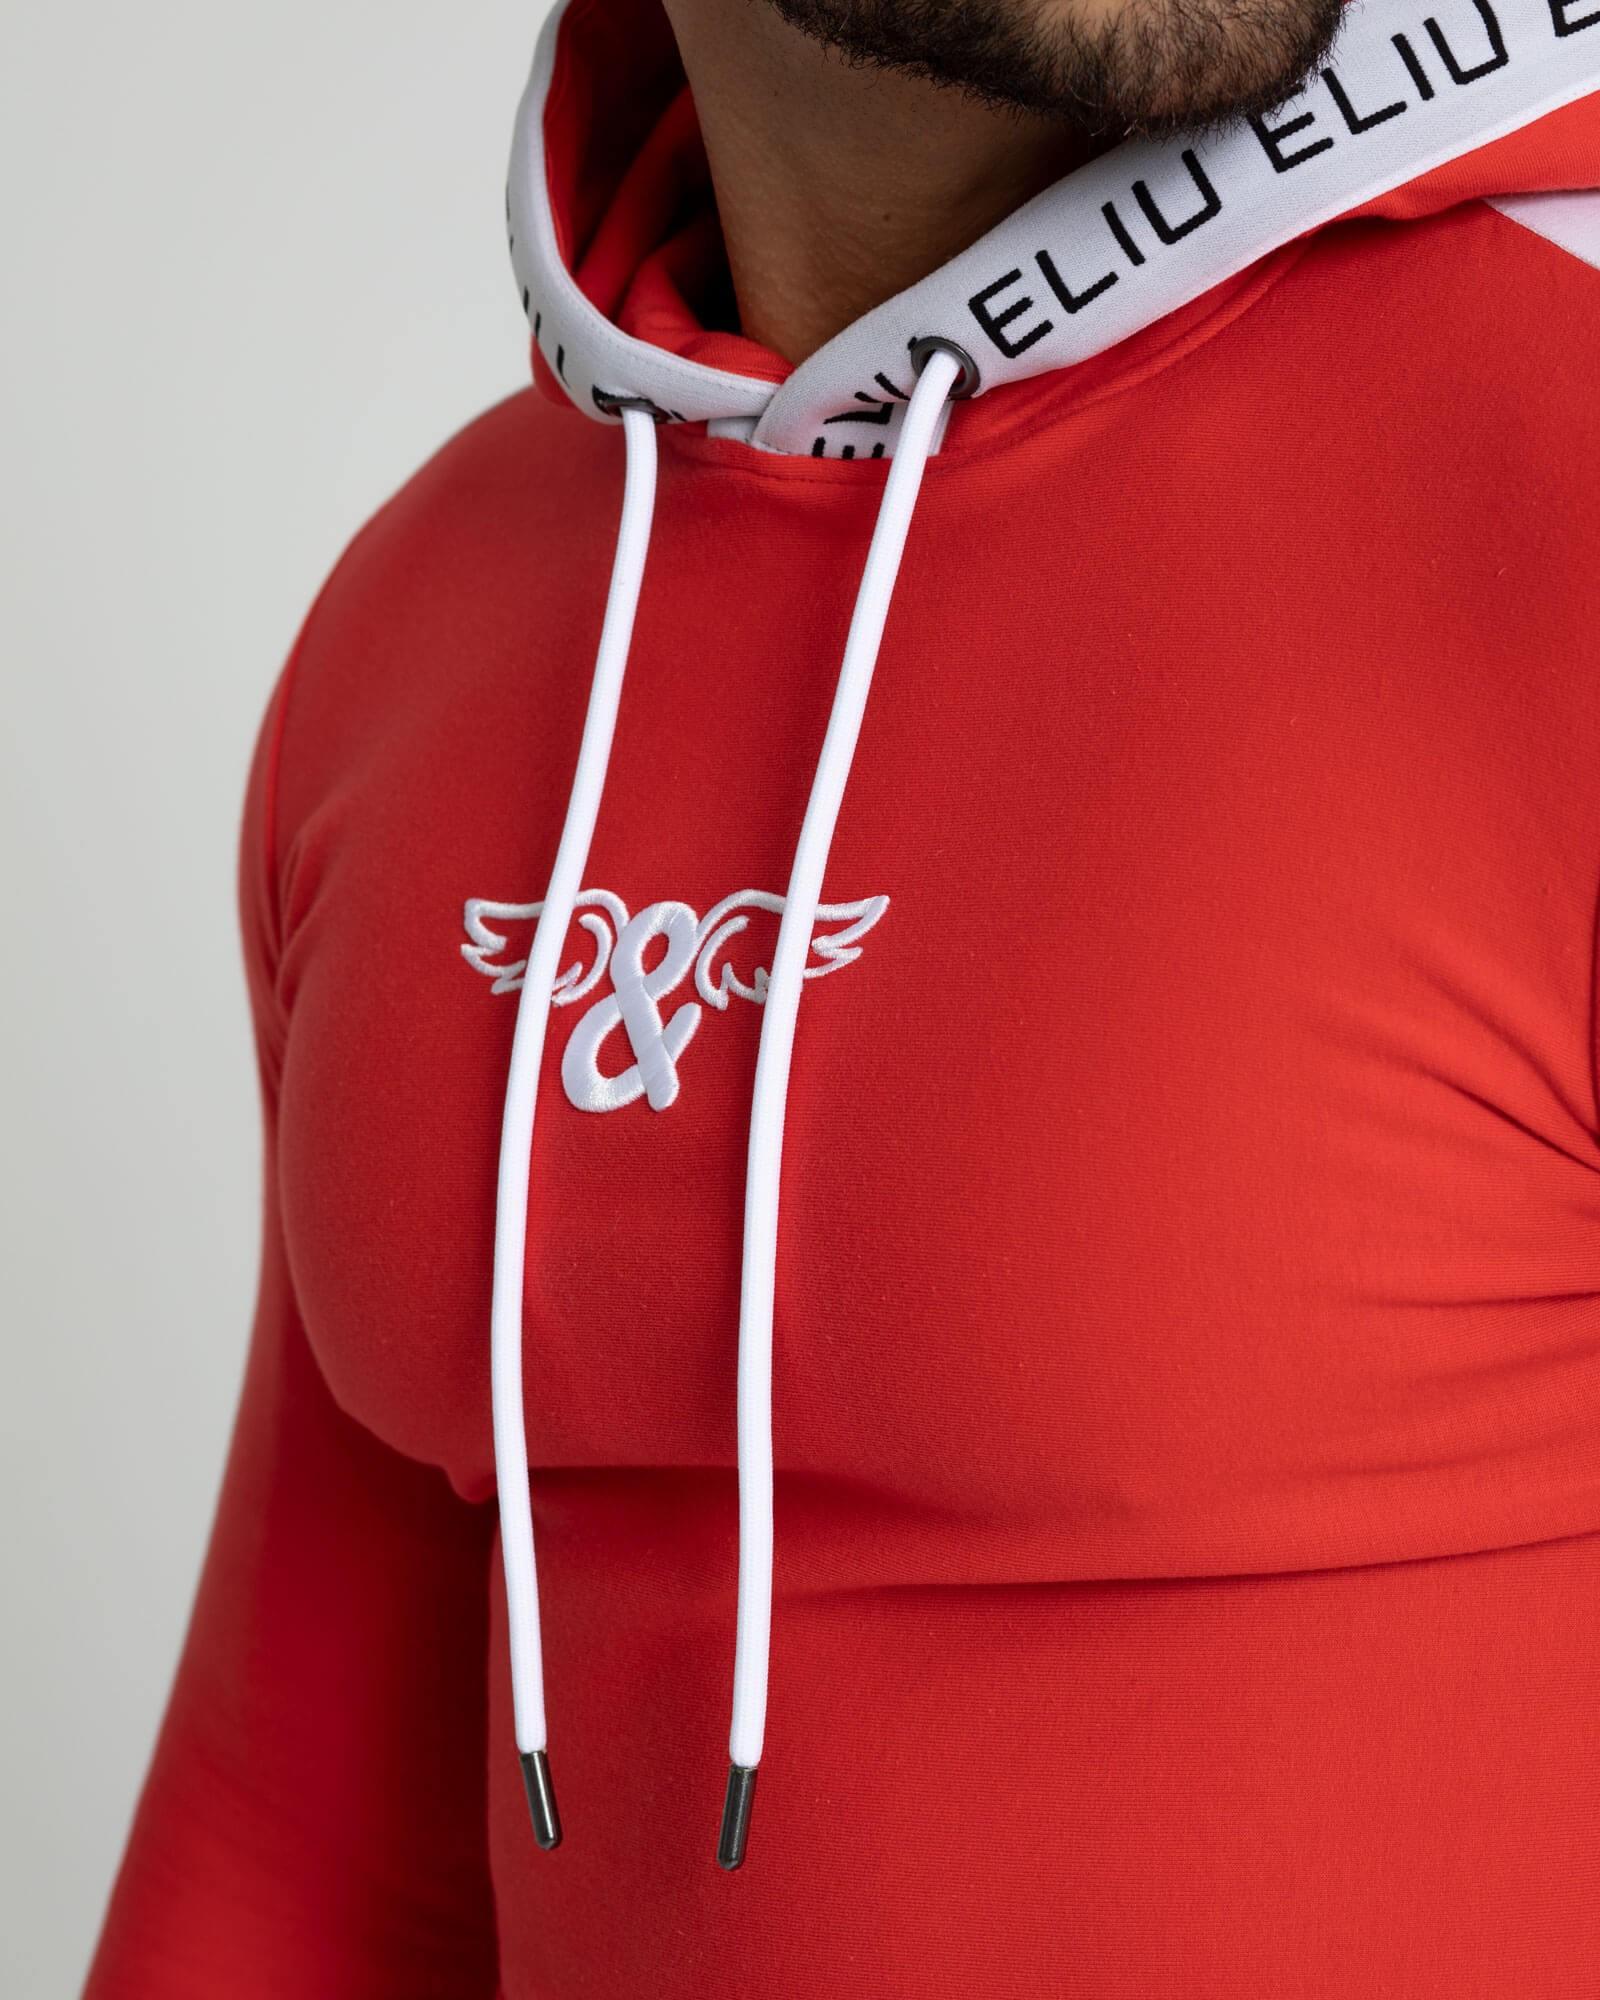 Pantalones de chándal rojos. Estilo urbano de ELIU streetwear.